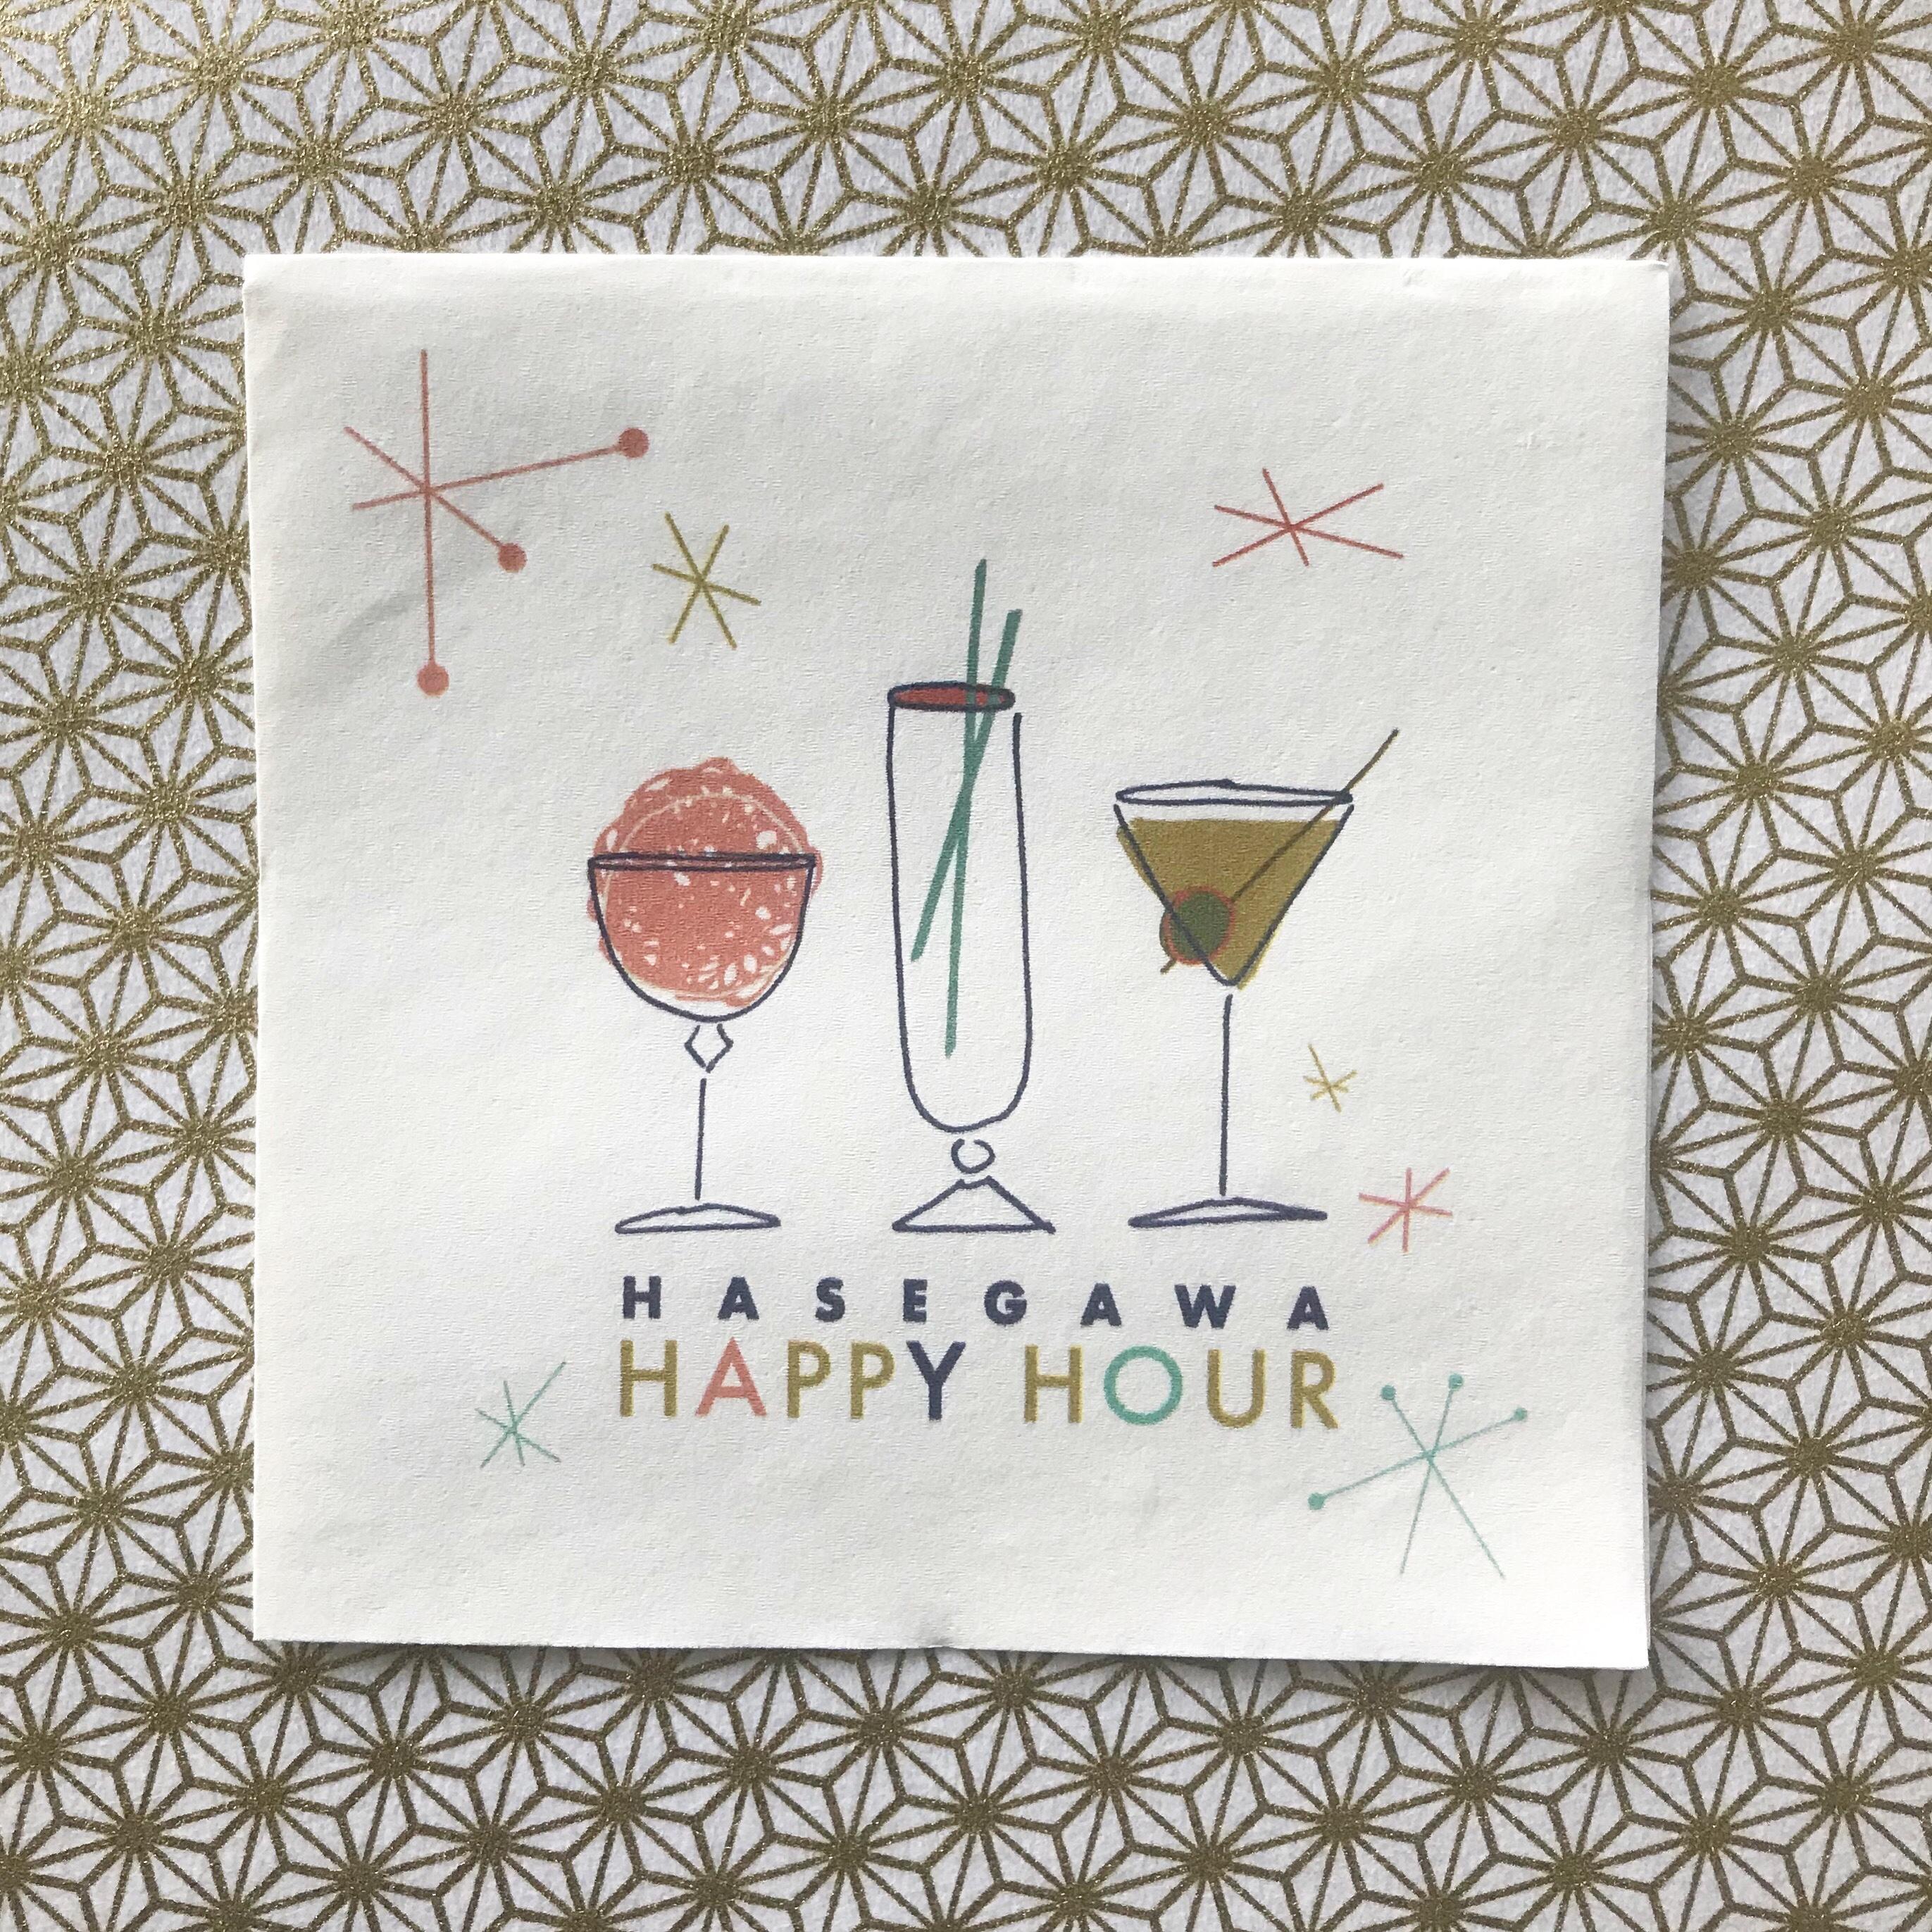 Hasegawa Happy Hour custom napkins